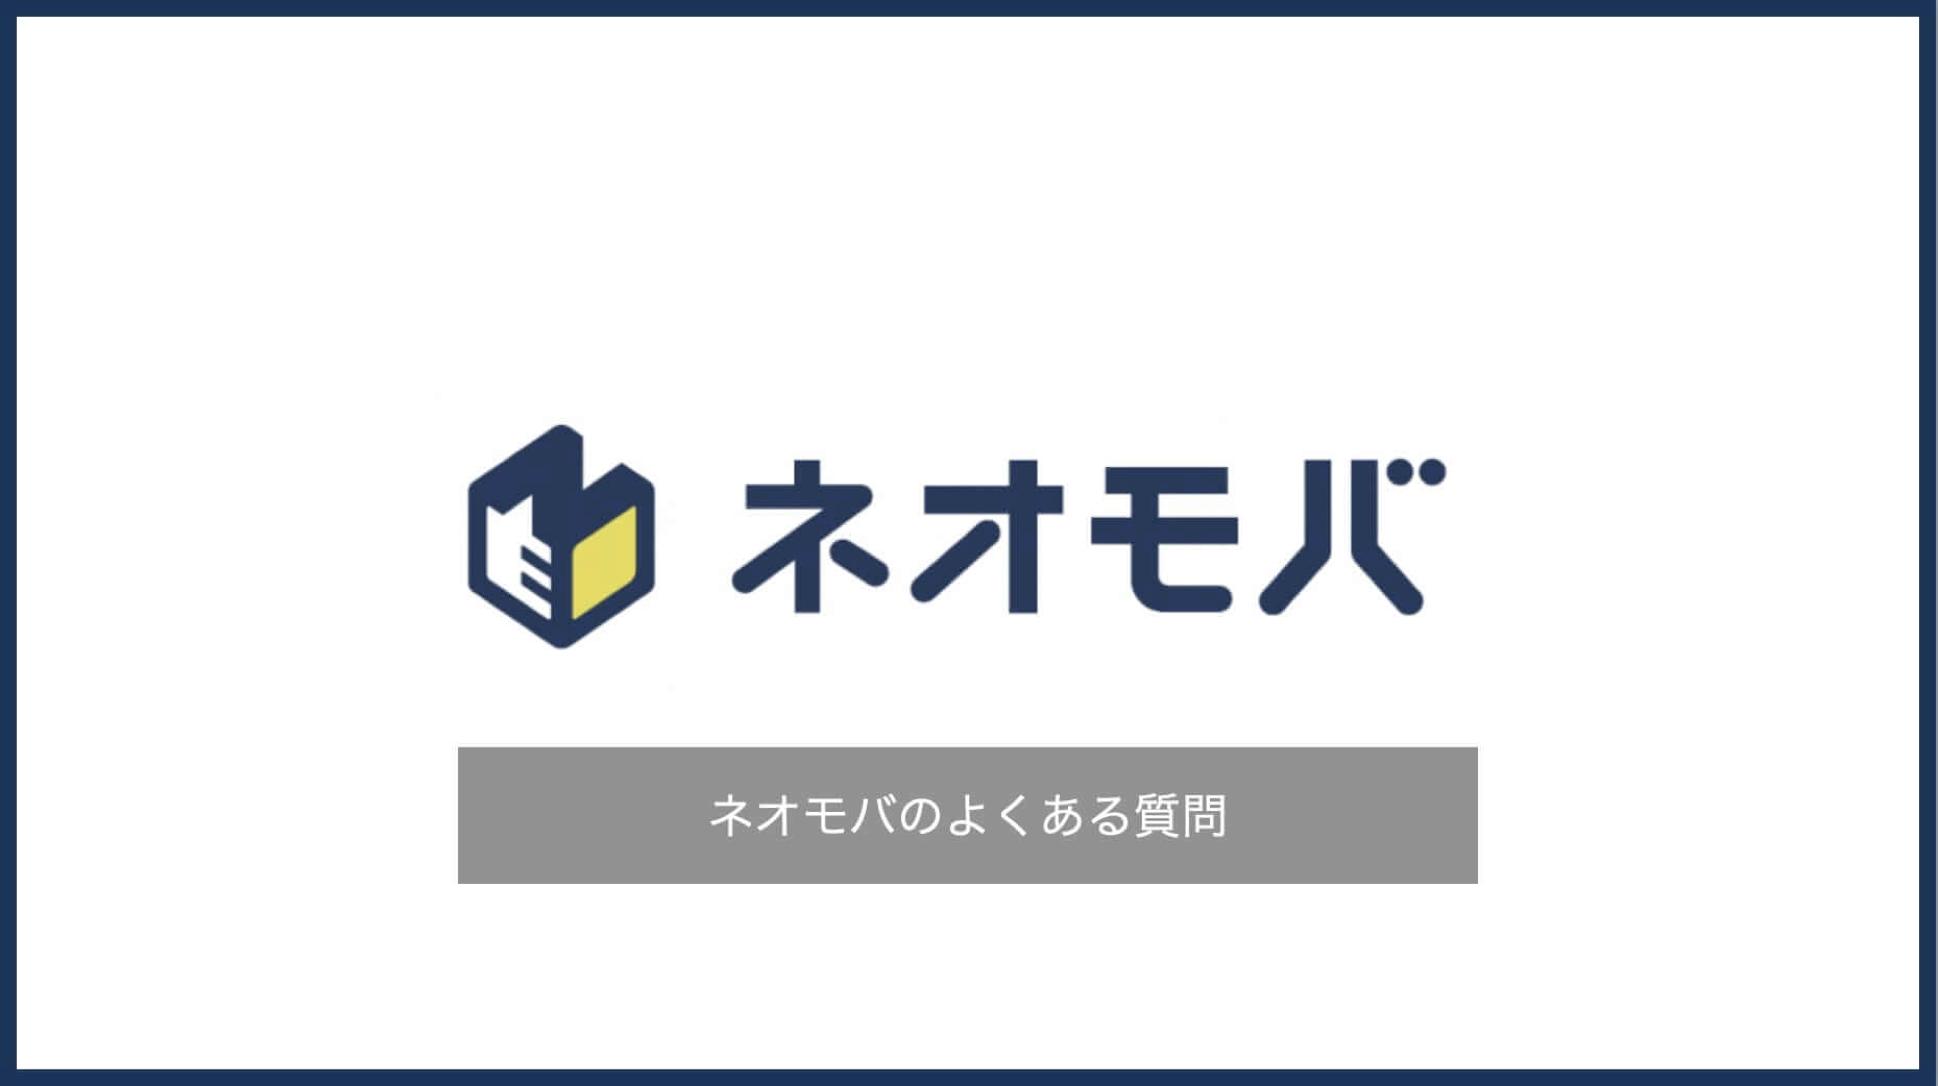 SBIネオモバイル証券のクチコミ評判